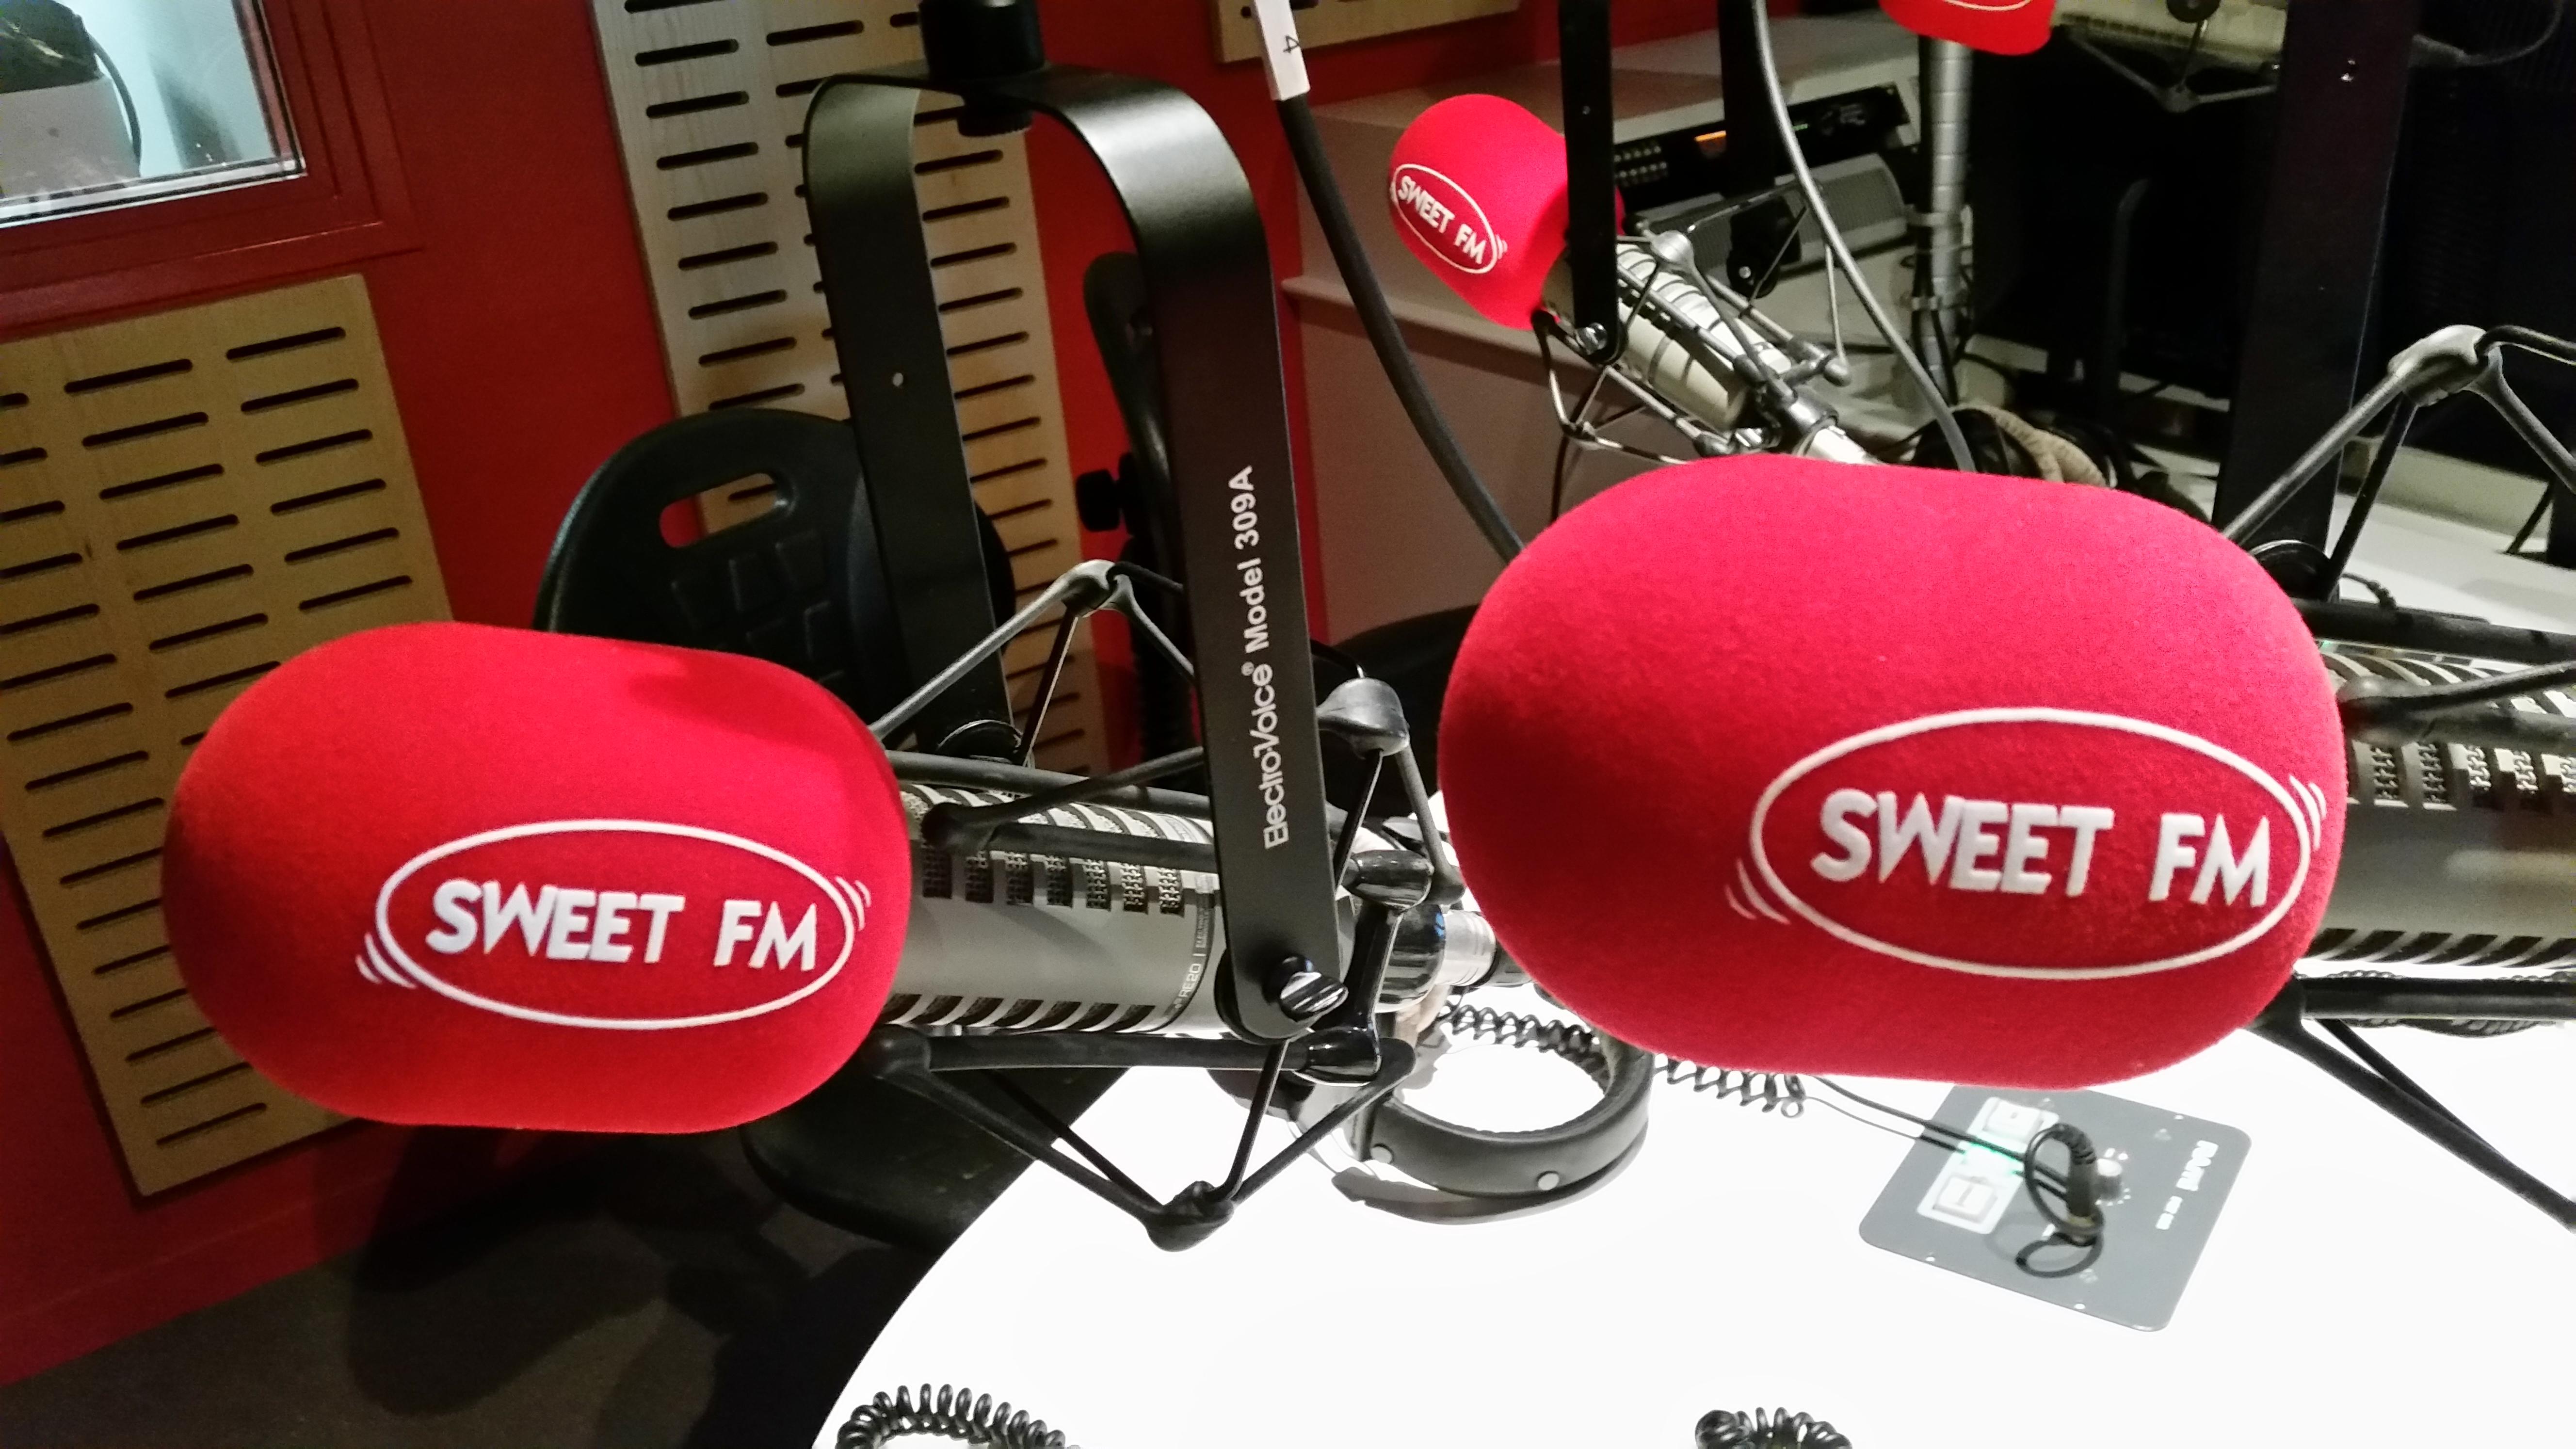 Sweet FM ? Tout le monde l'écoute dans la région